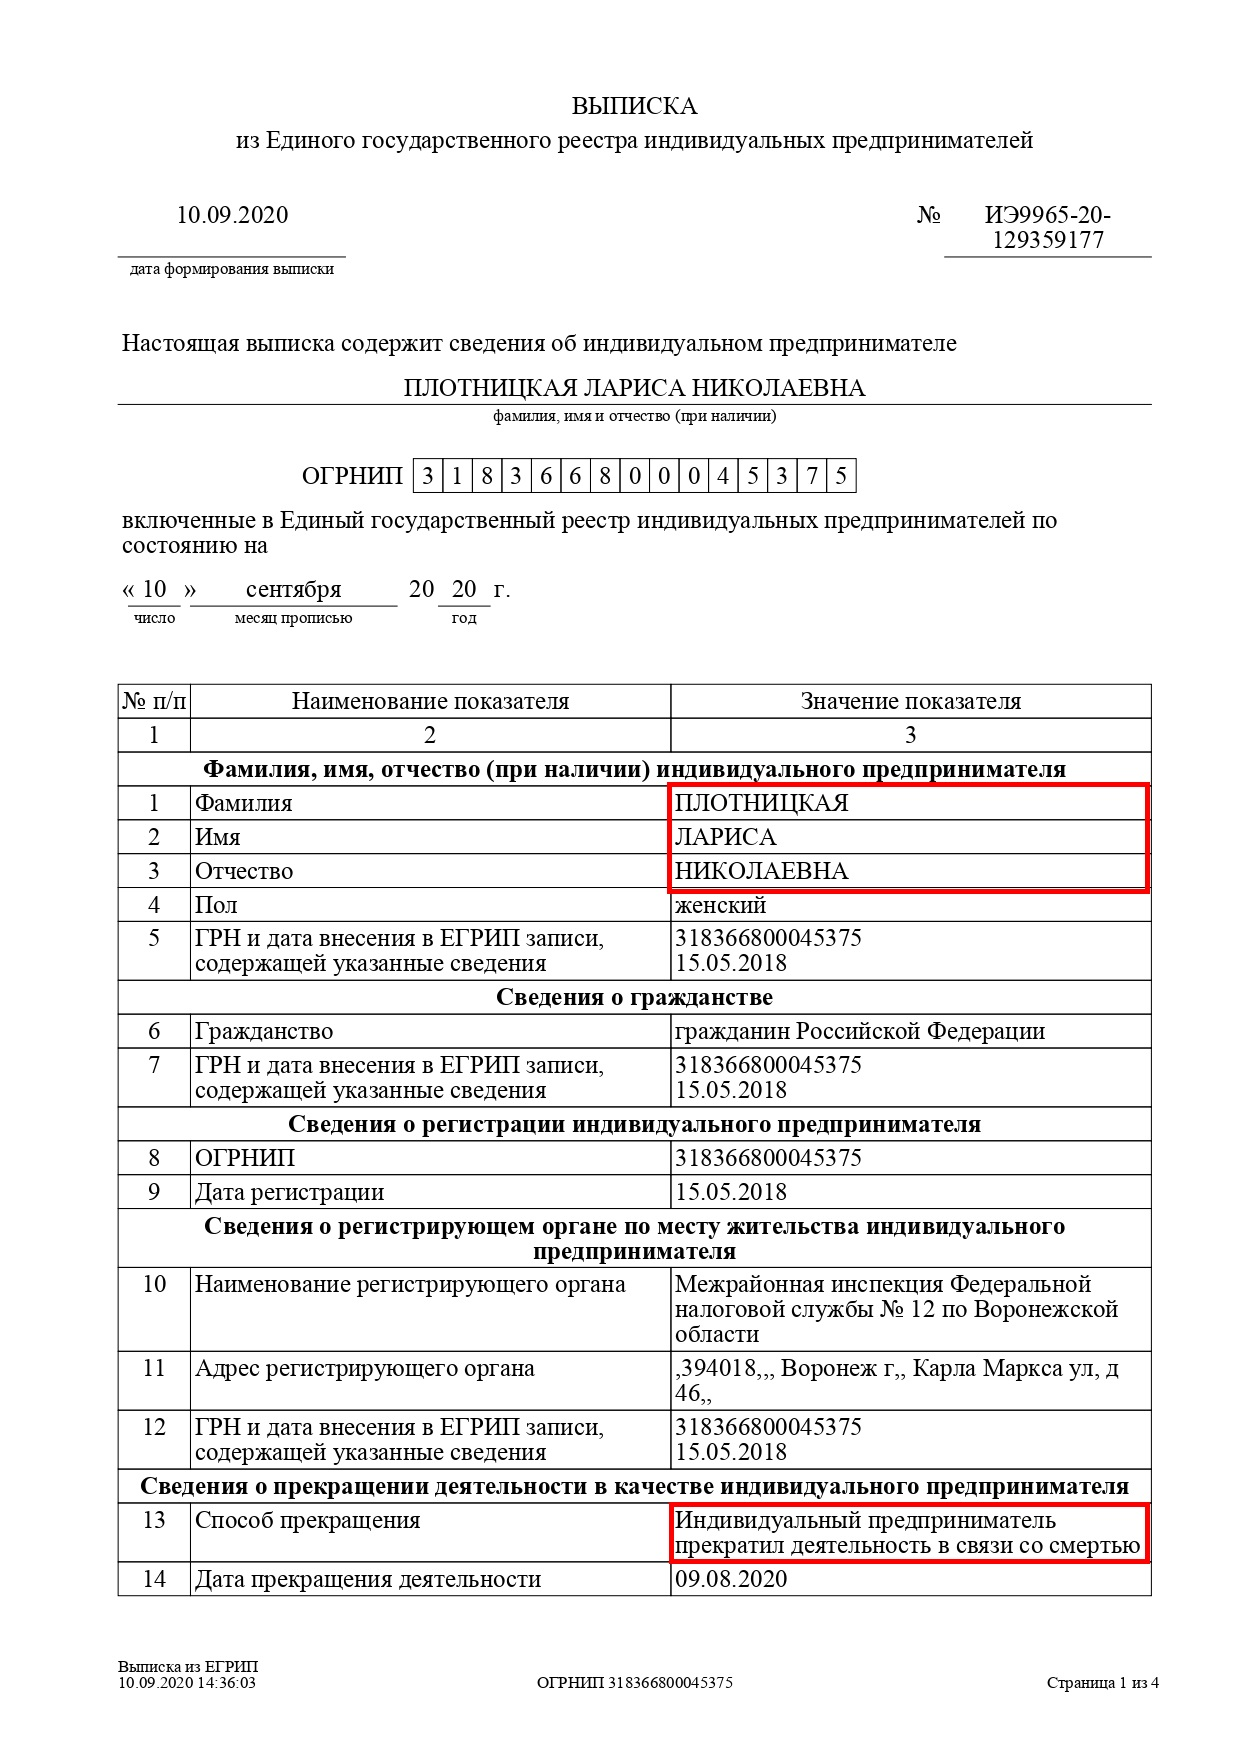 В России умерла 46-летняя жена Плотницкого